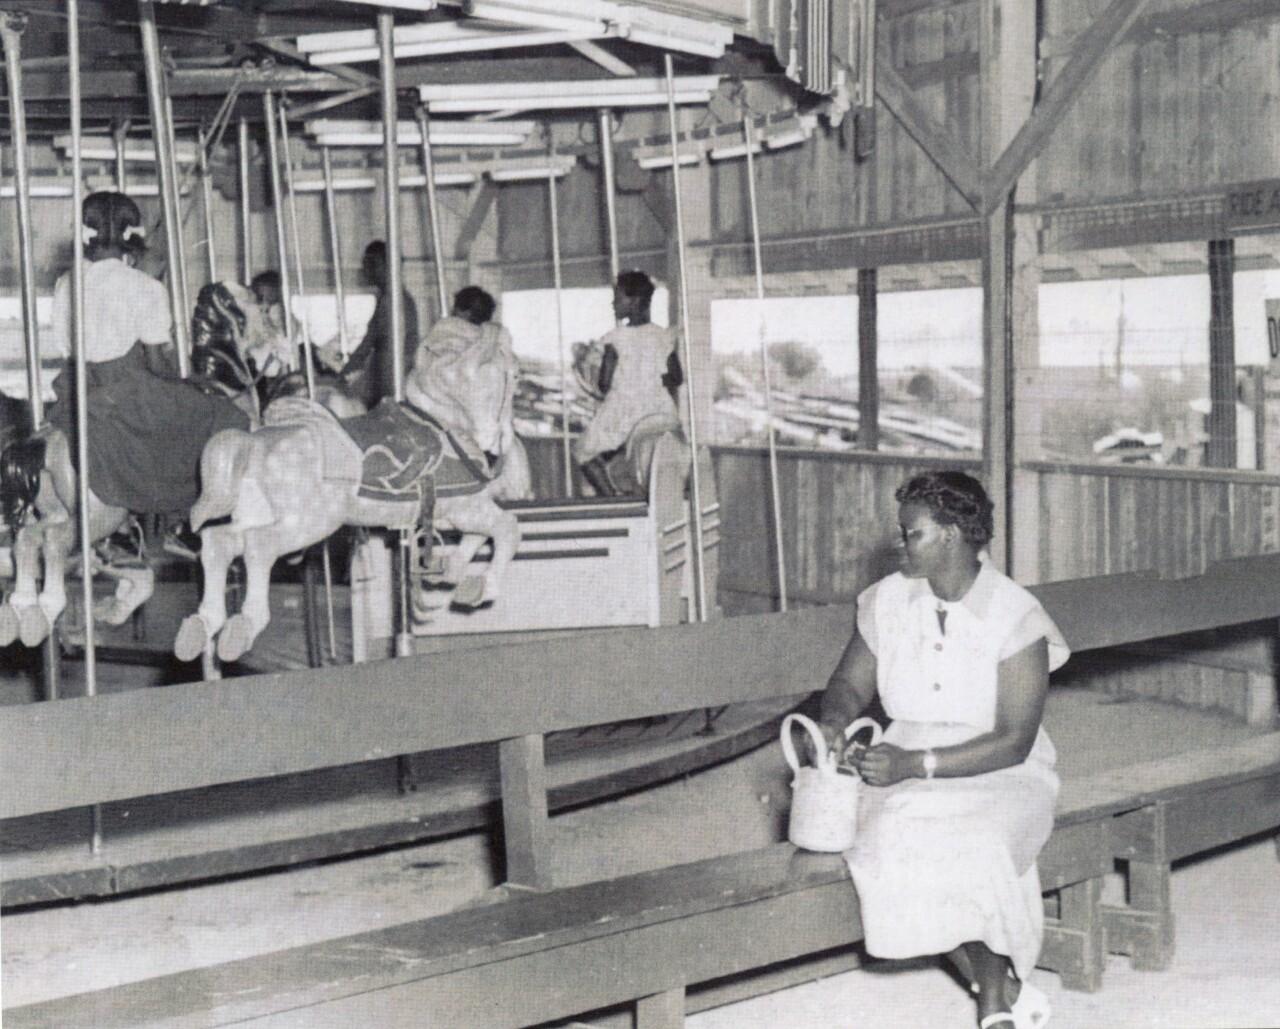 Bay Shore carousel